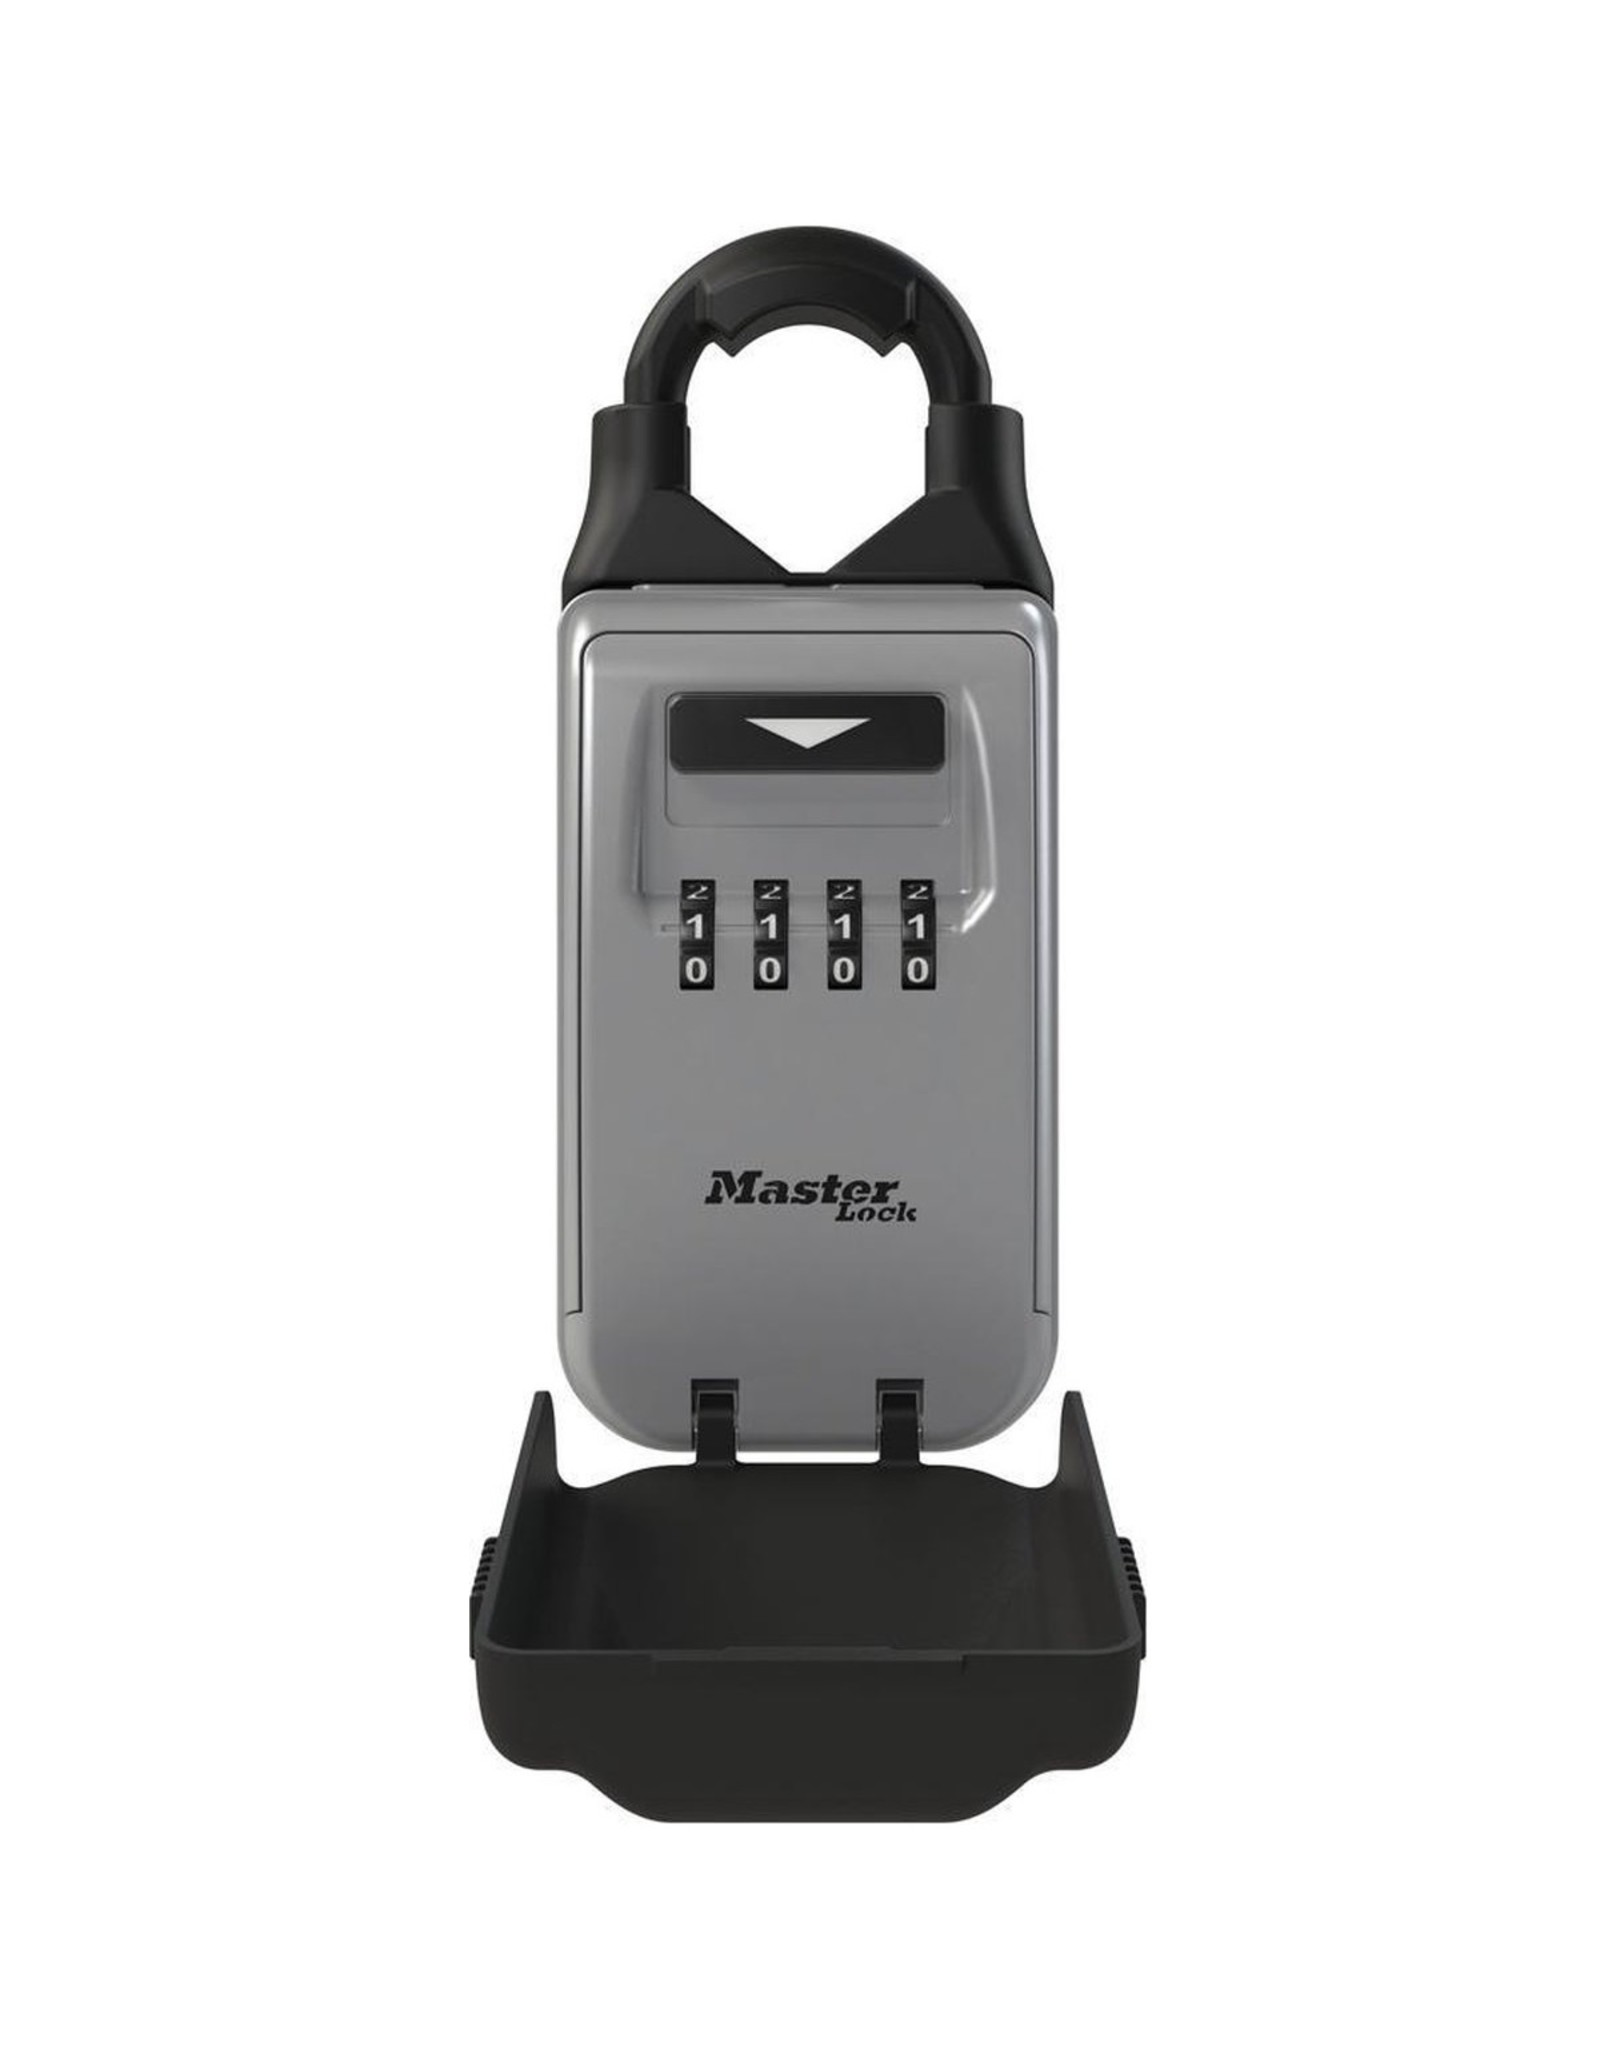 MasterLock MasterLock - Sleutelkluis - Met verlichte cijferwieltjes